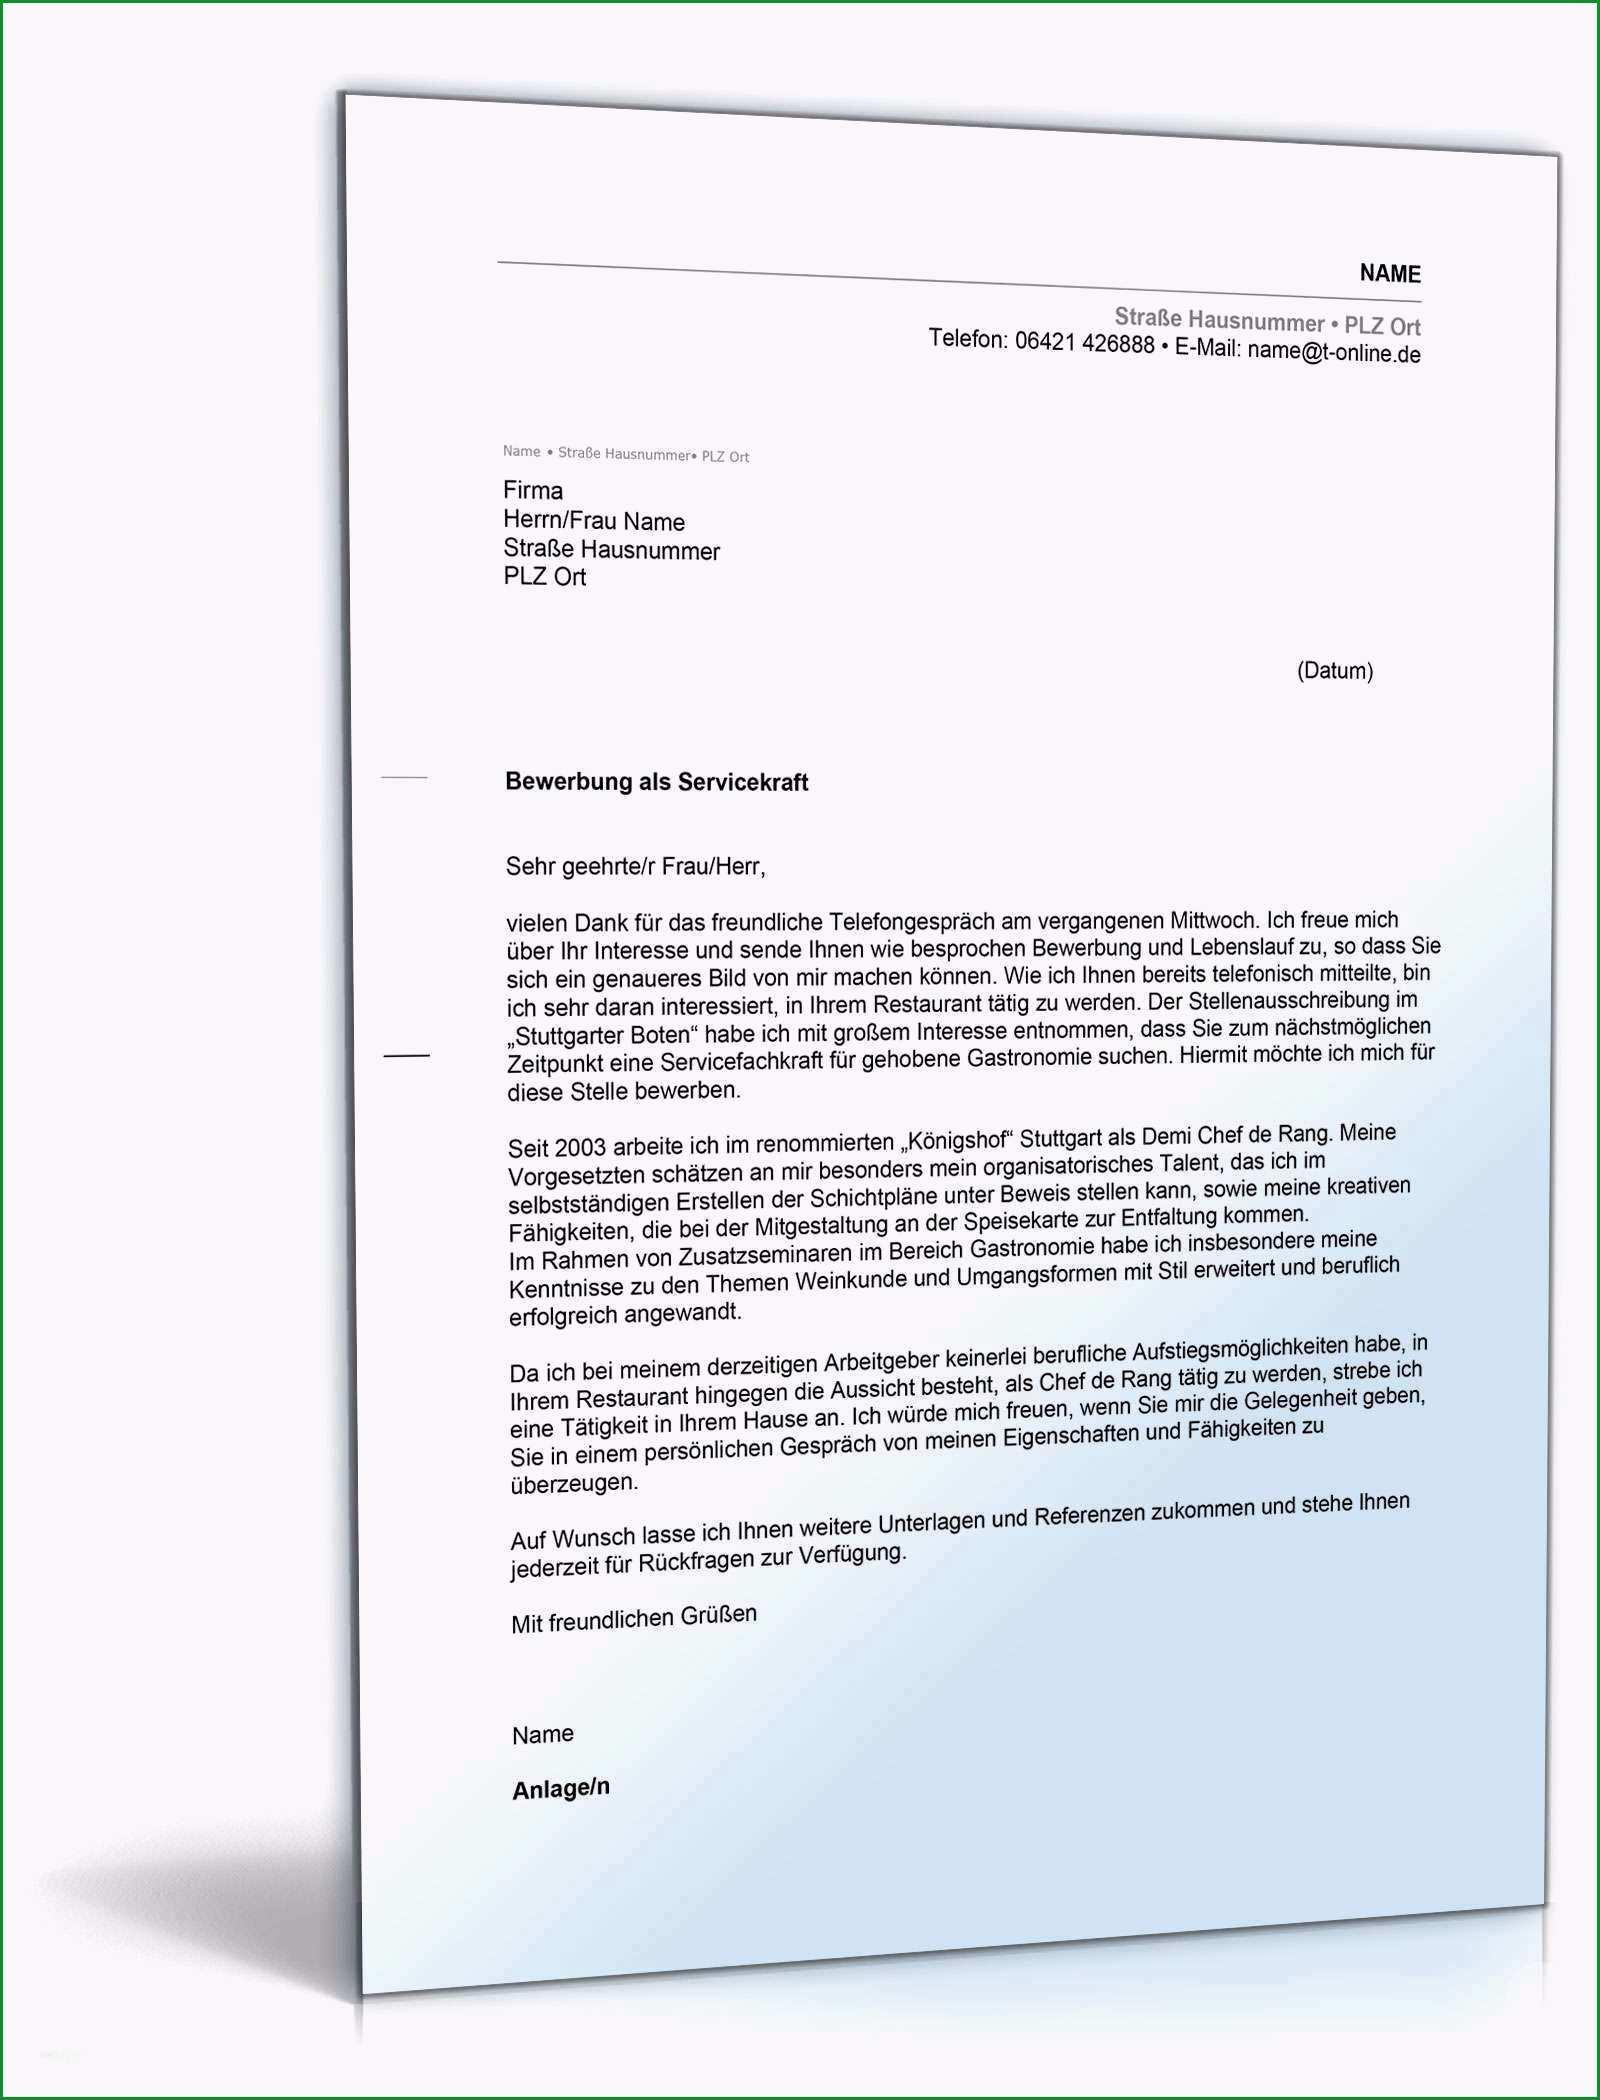 arbeitsschutzbelehrung vorlage gastronomie schonste anschreiben bewerbung servicekraft gastronomie • de